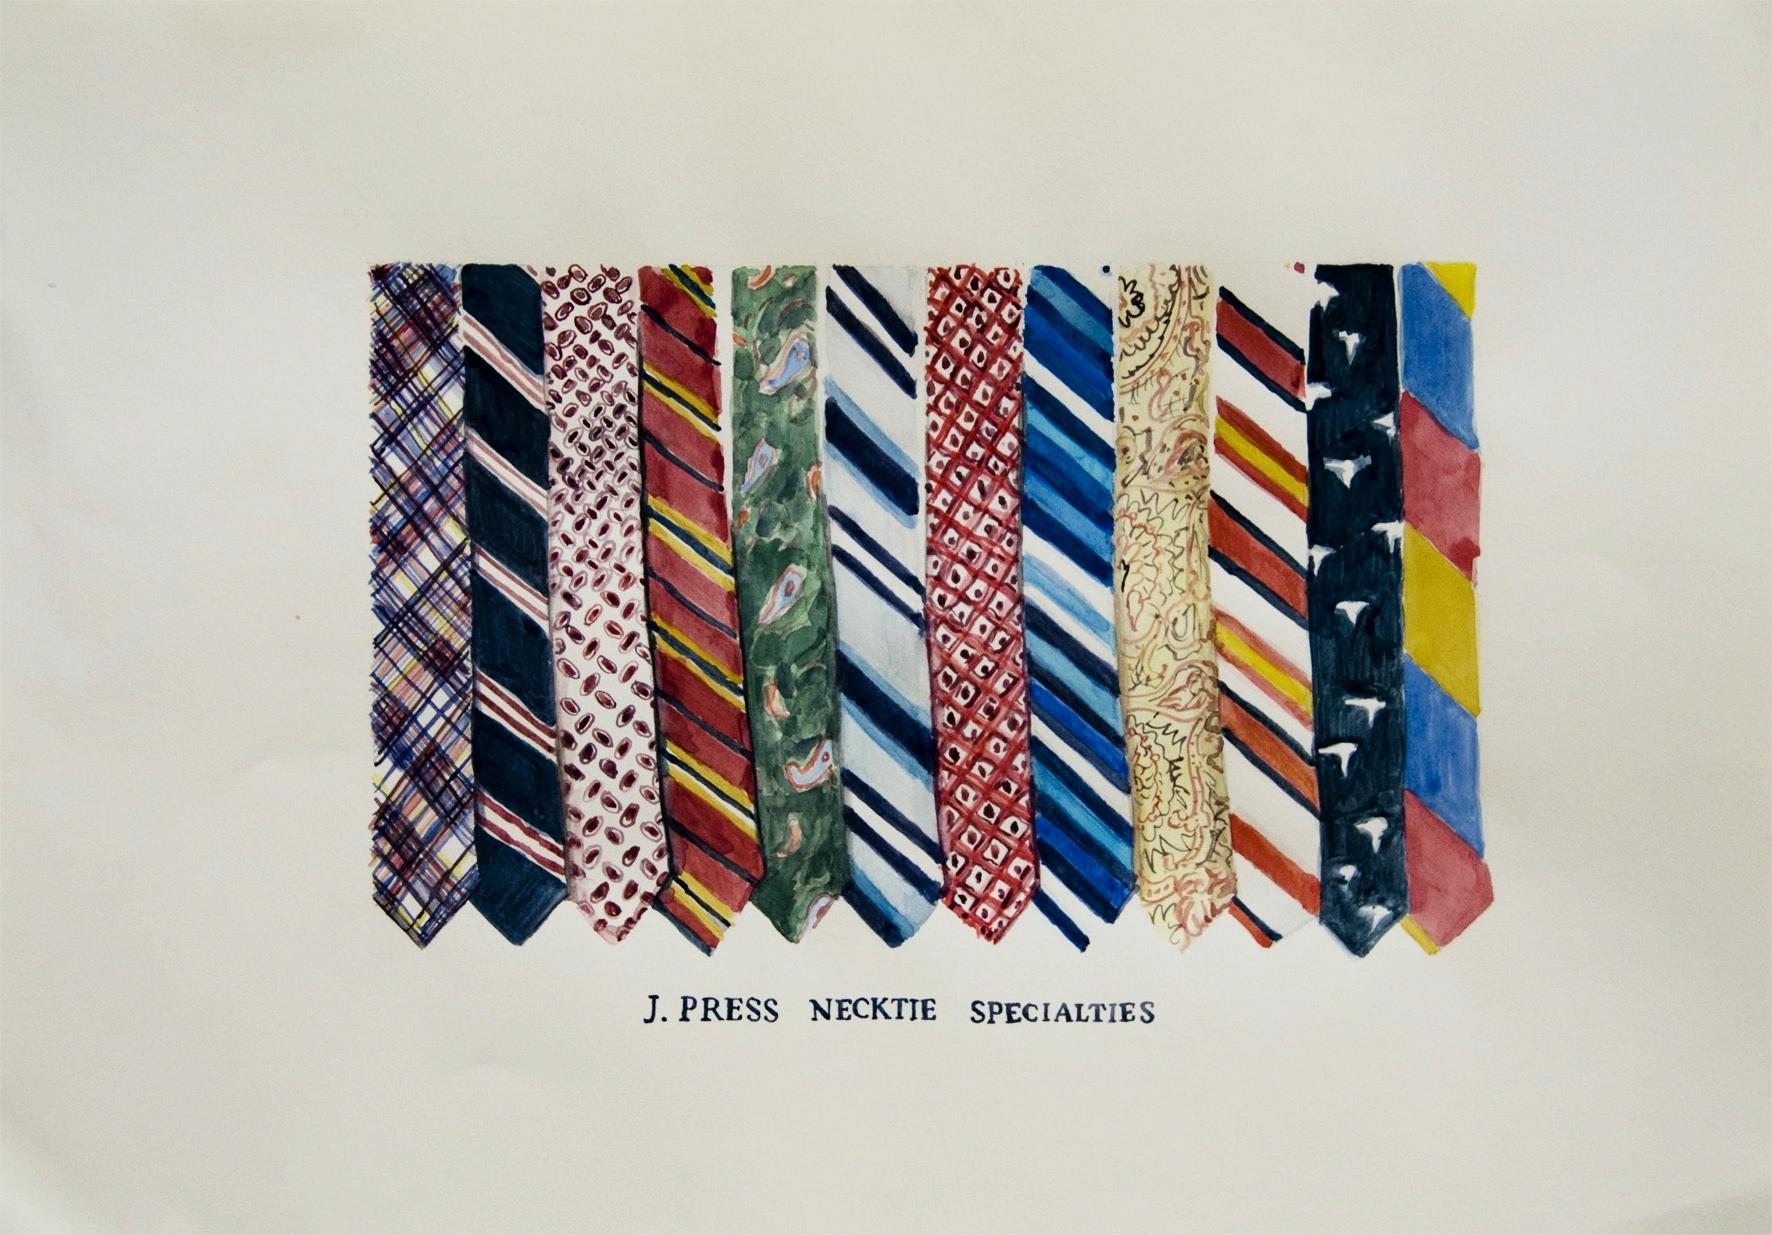 J. Press Necktie Specialties 2011 Watercolor and gouache on paper, 11.7 x 16.5 in